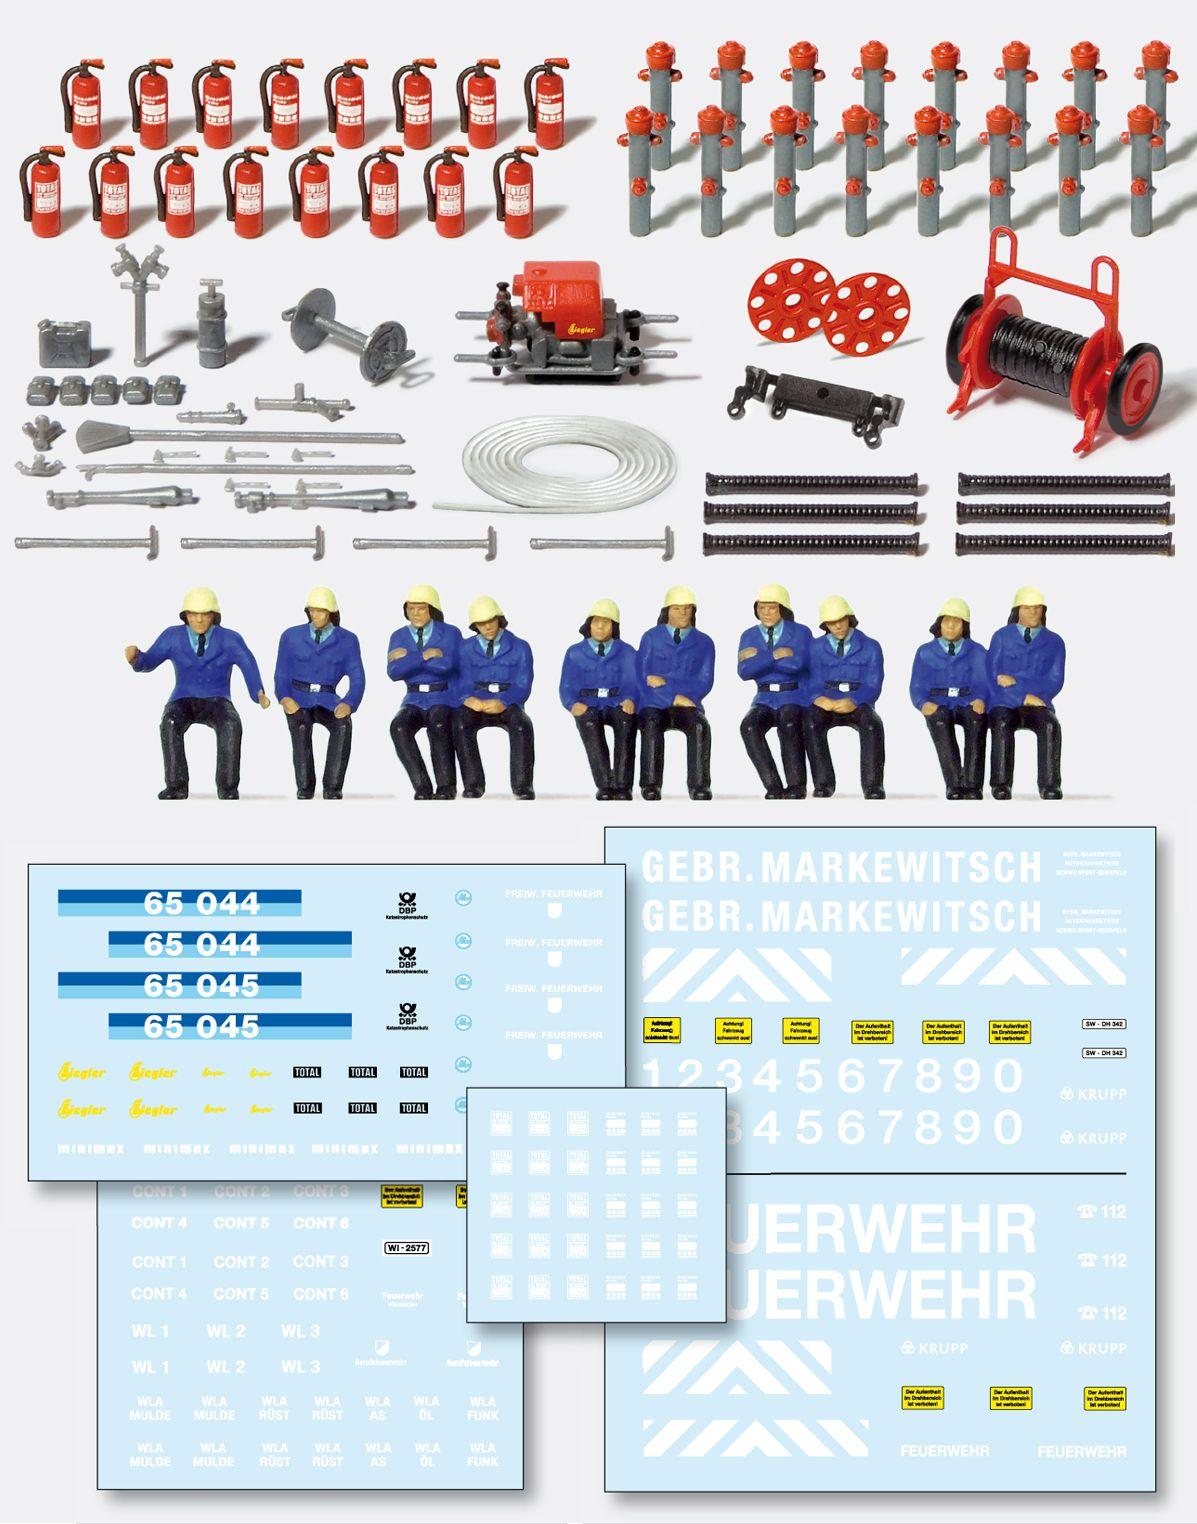 1:87 Feuerwehr Set mit Tragkraftspritze, Feuerlöscher Saugschläuche uvm., Bausatz - Preiser 31010  | günstig bestellen bei Modelleisenbahn Center  MCS Vertriebs GmbH